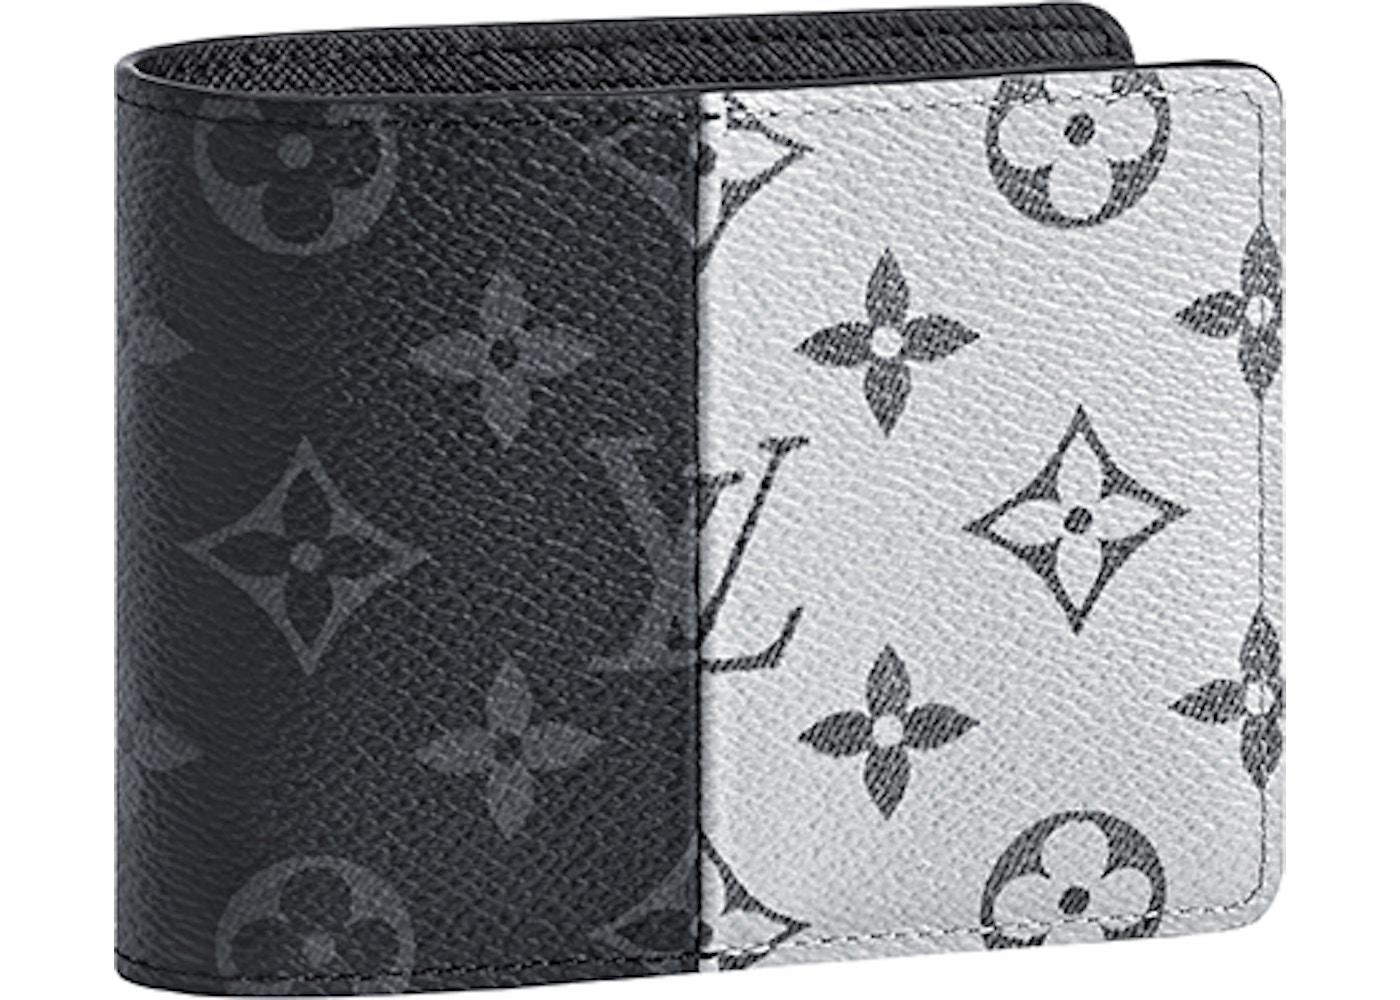 d8b10124d865 Louis Vuitton Wallet Multiple Monogram Eclipse Split Outdoor Black White. Monogram  Eclipse Split Outdoor Black White